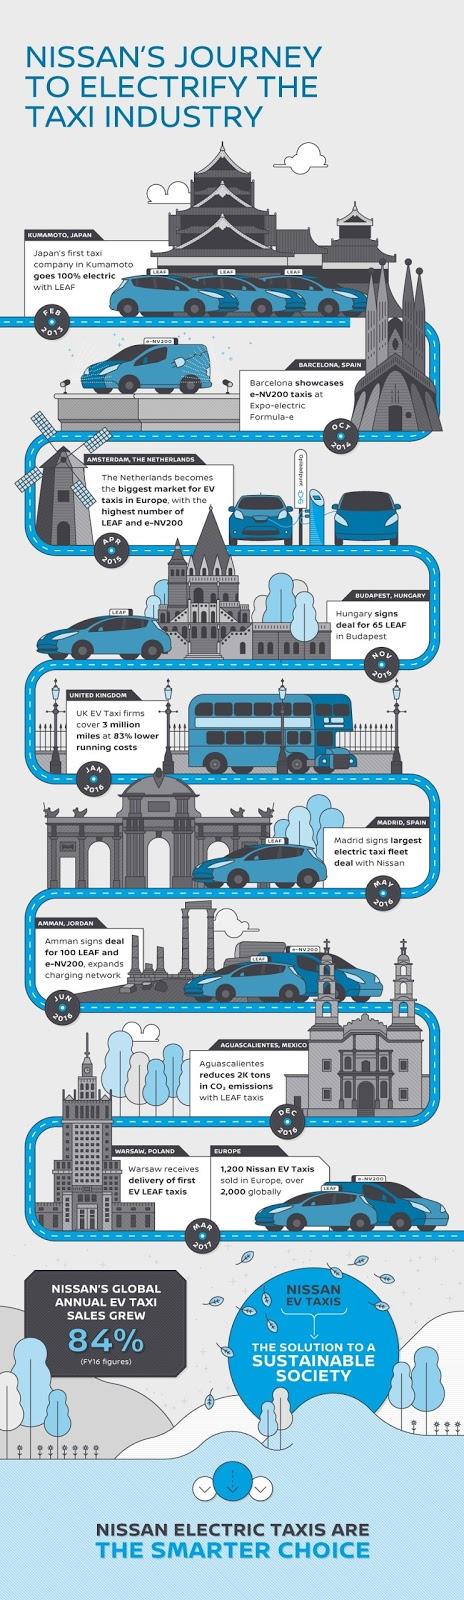 Τα Nissan Leaf κατακτά τον κόσμο των ταξί! Nissan, Nissan LEAF, ταξί